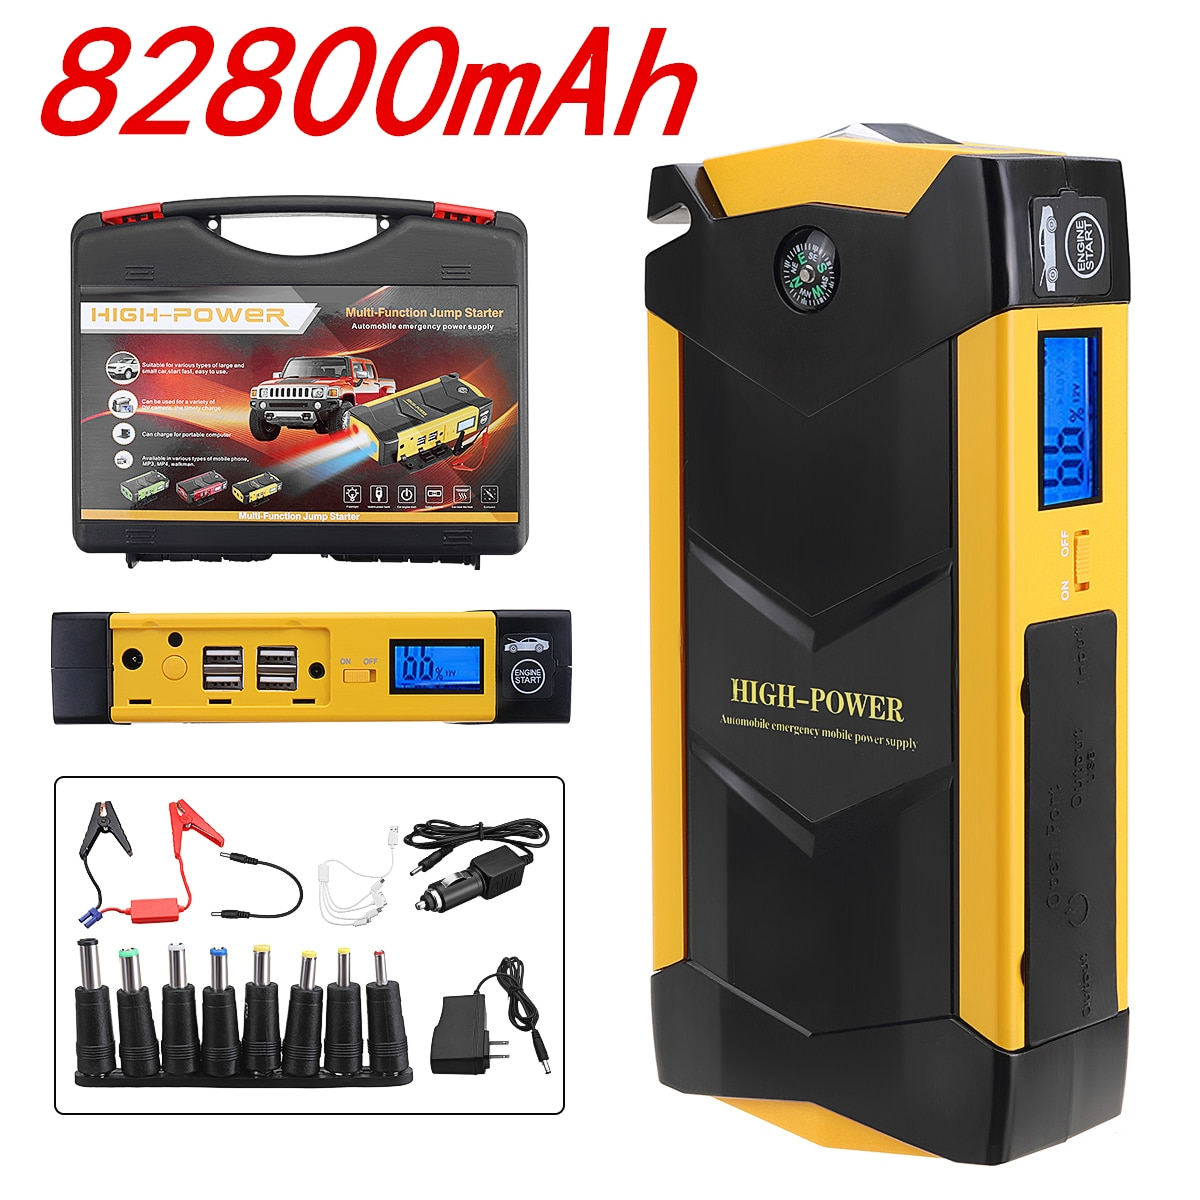 Портативное зарядное устройство для авто, мощное пусковое устройство для автомобиля 82800 мАч, 12 В, стартовое устройство, внешний автомобильн...